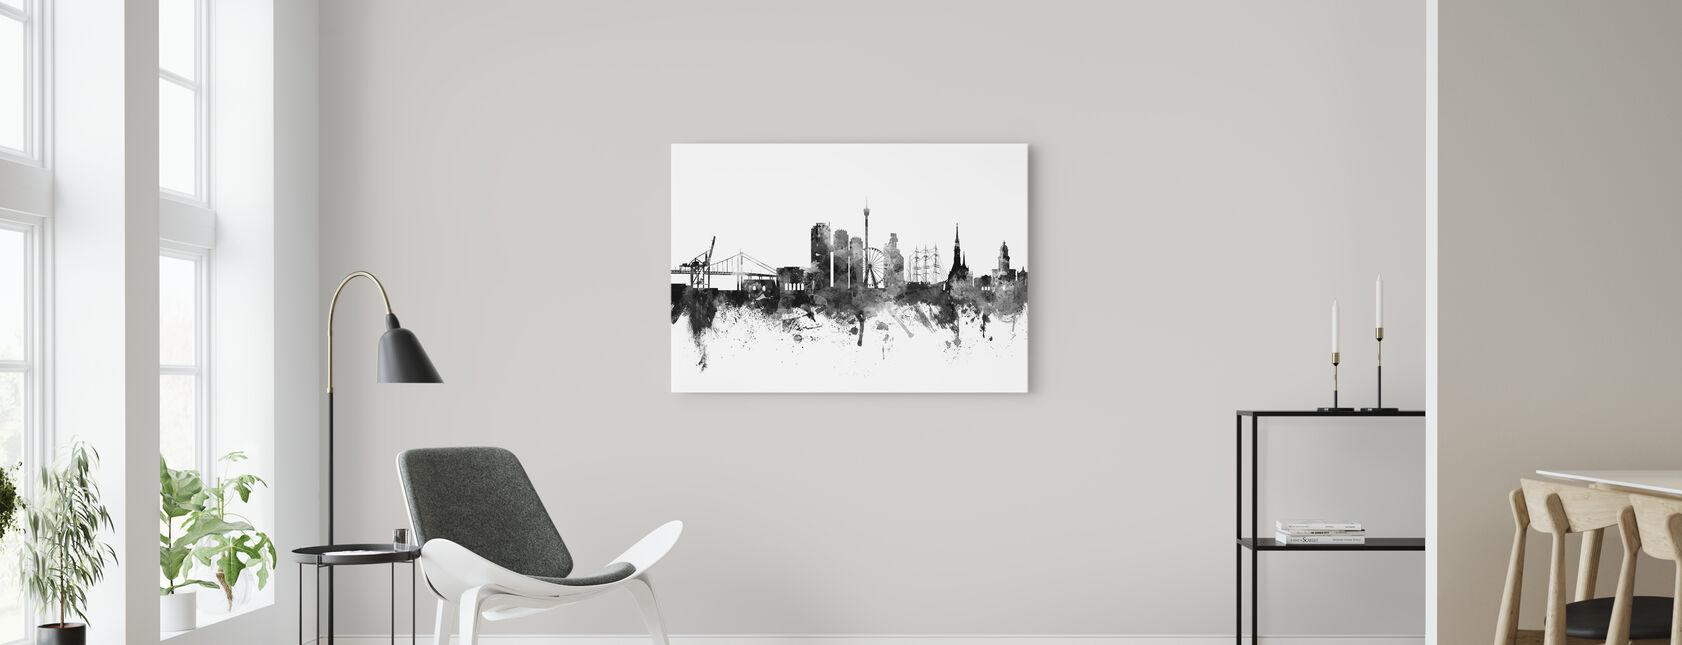 Svart och vit canvas